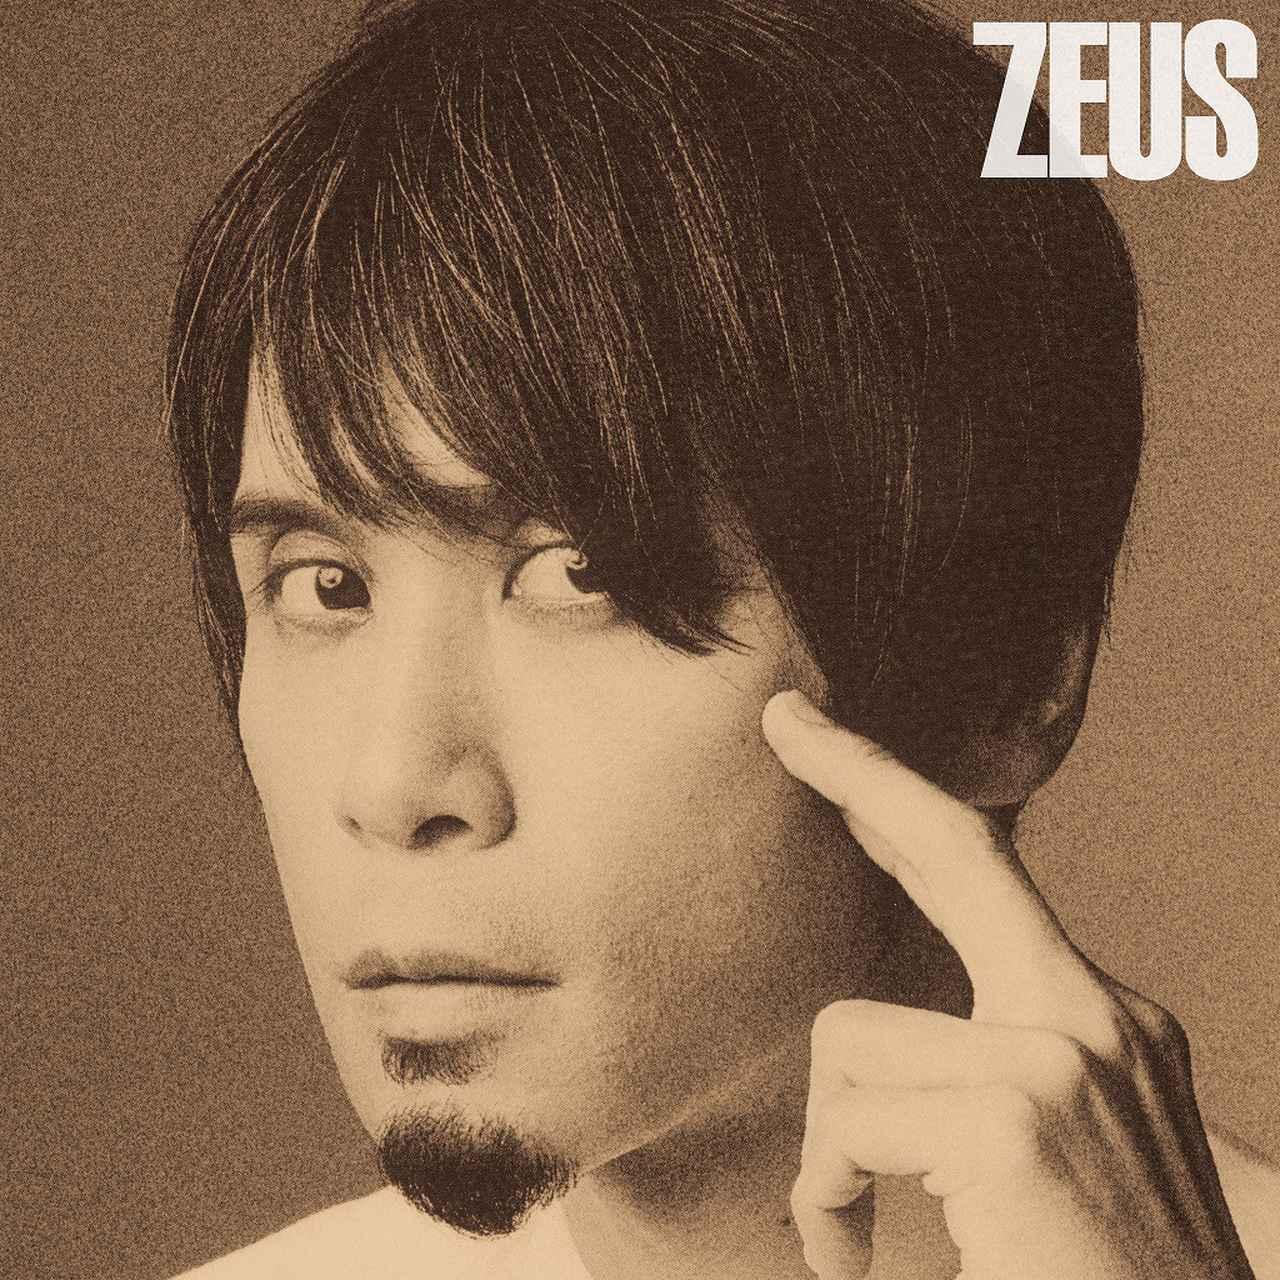 画像: ZEUS / ZEUS